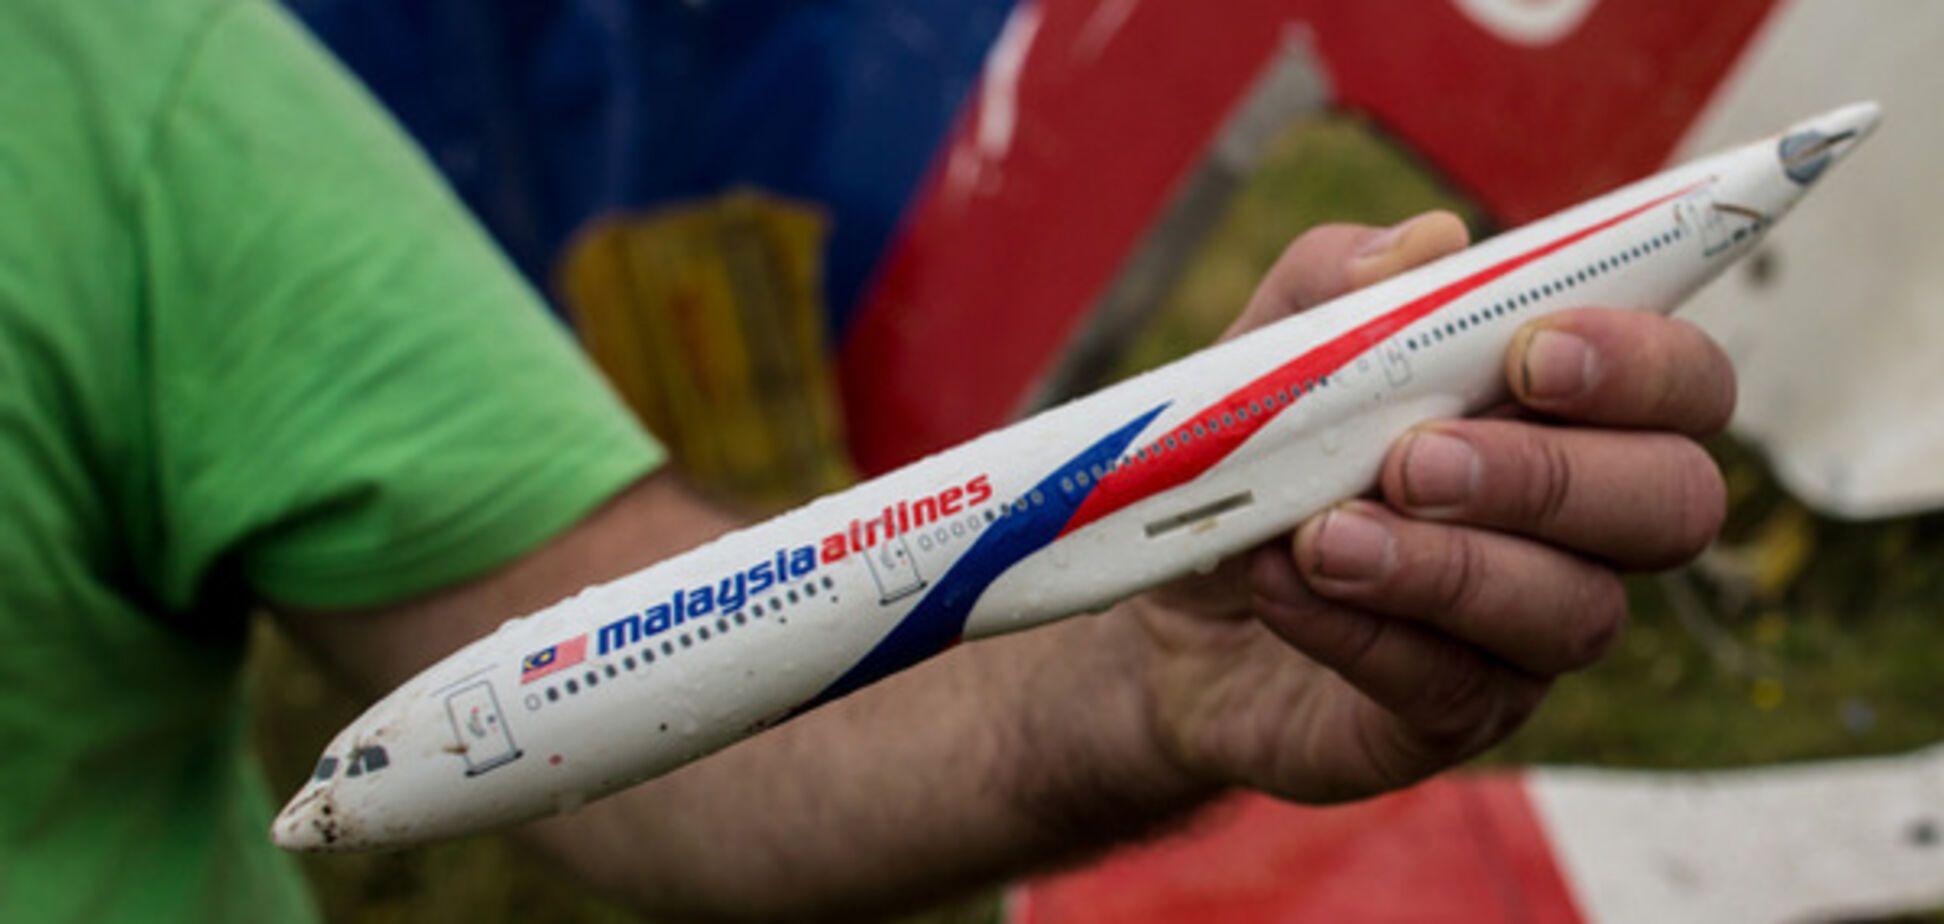 Два важных эпизода к трехлетию уничтожения Россией малайзийского Боинга